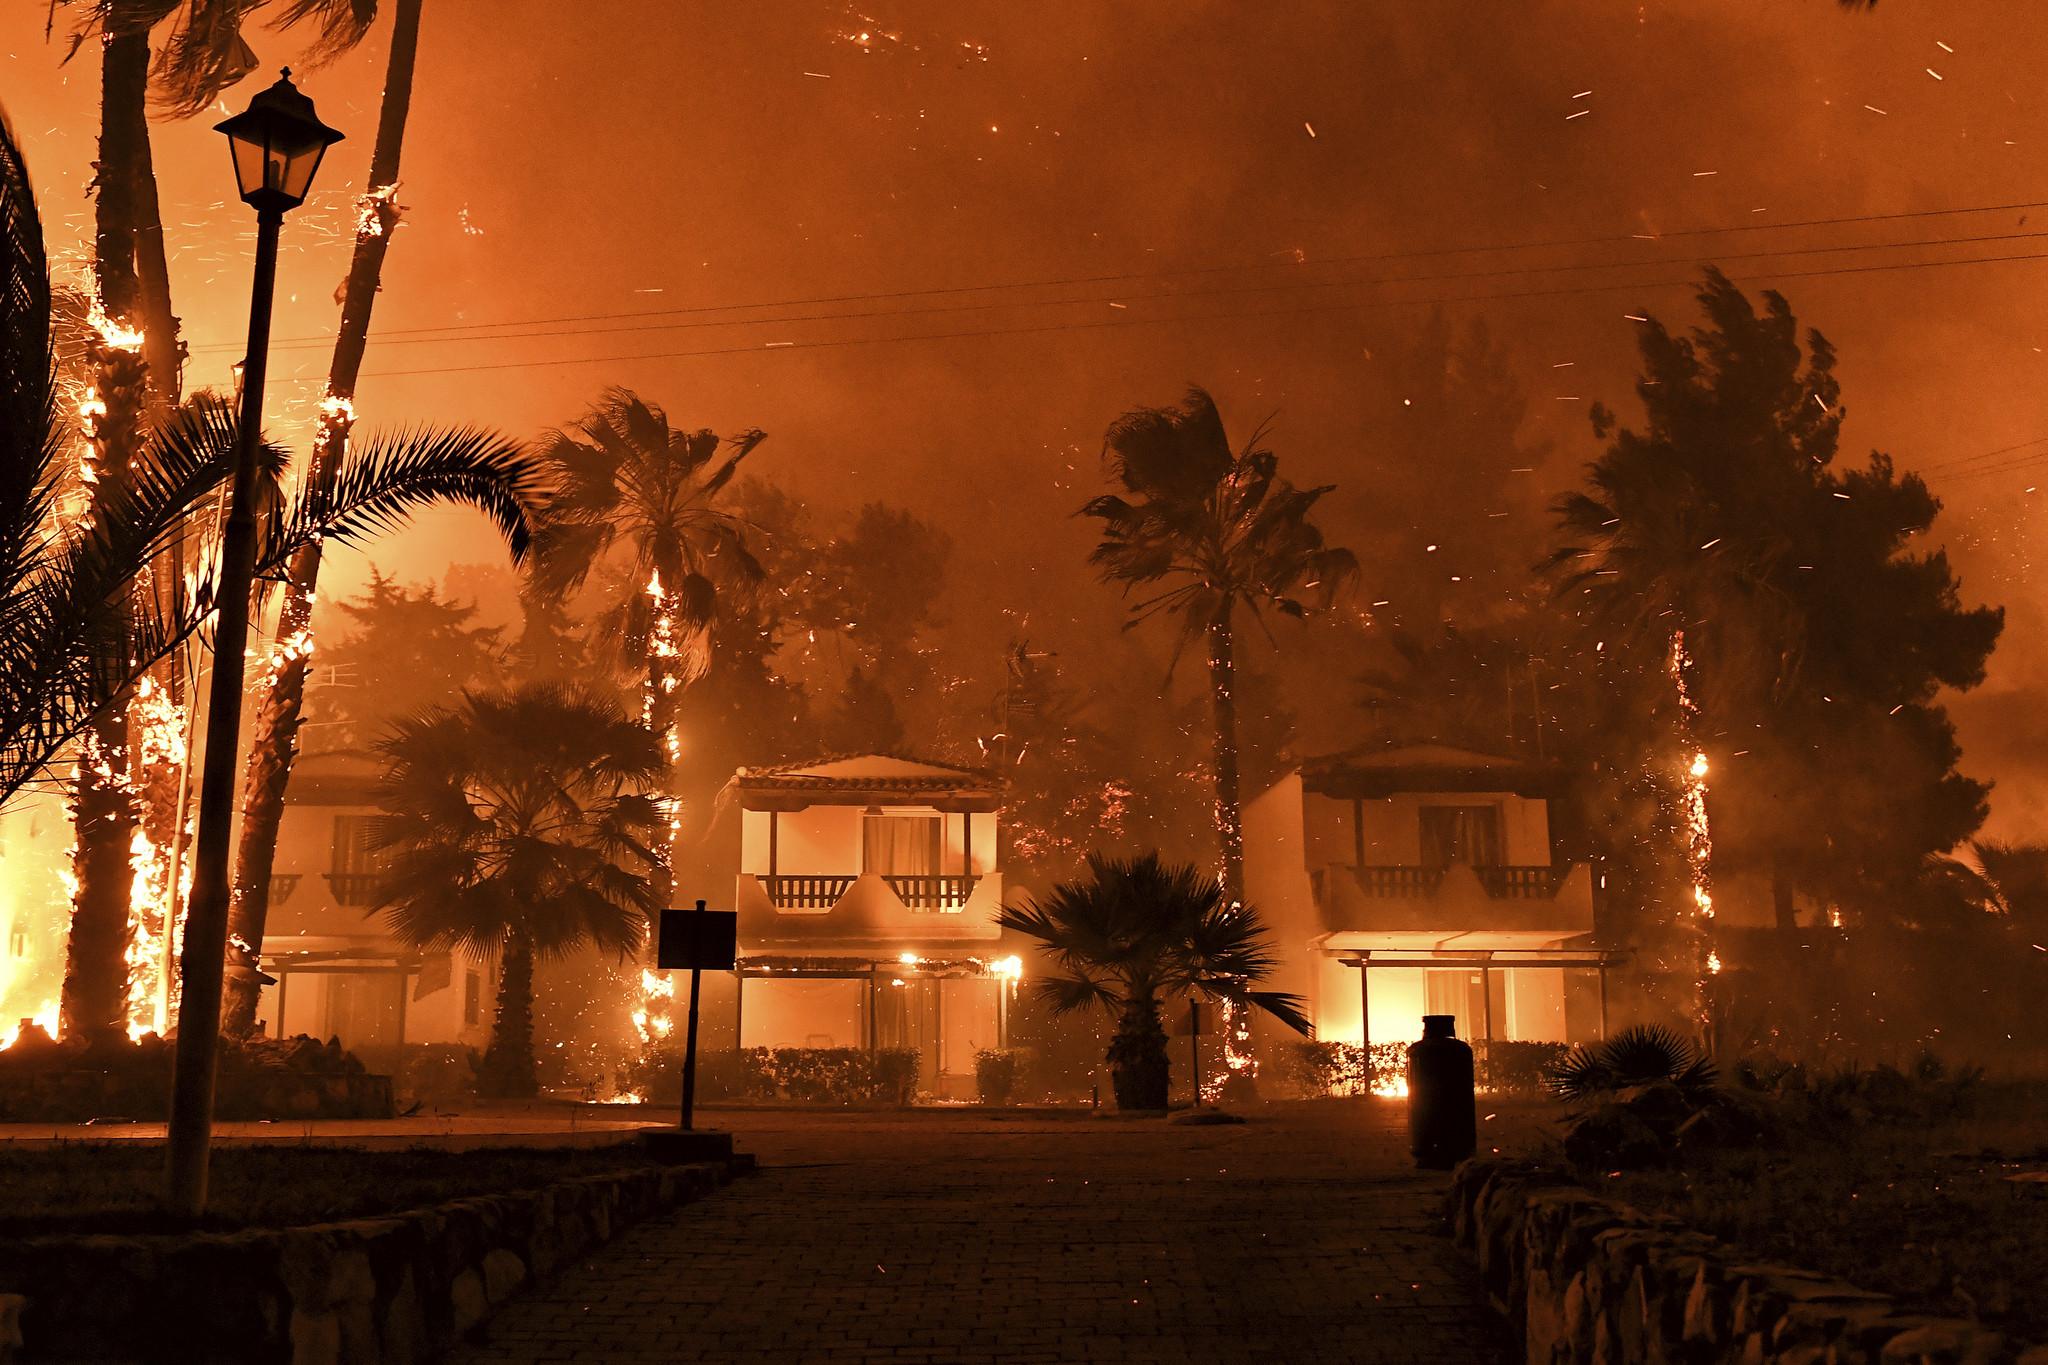 Europa: A intensidade dos incêndios estão aumentando na Grécia e na Turquia